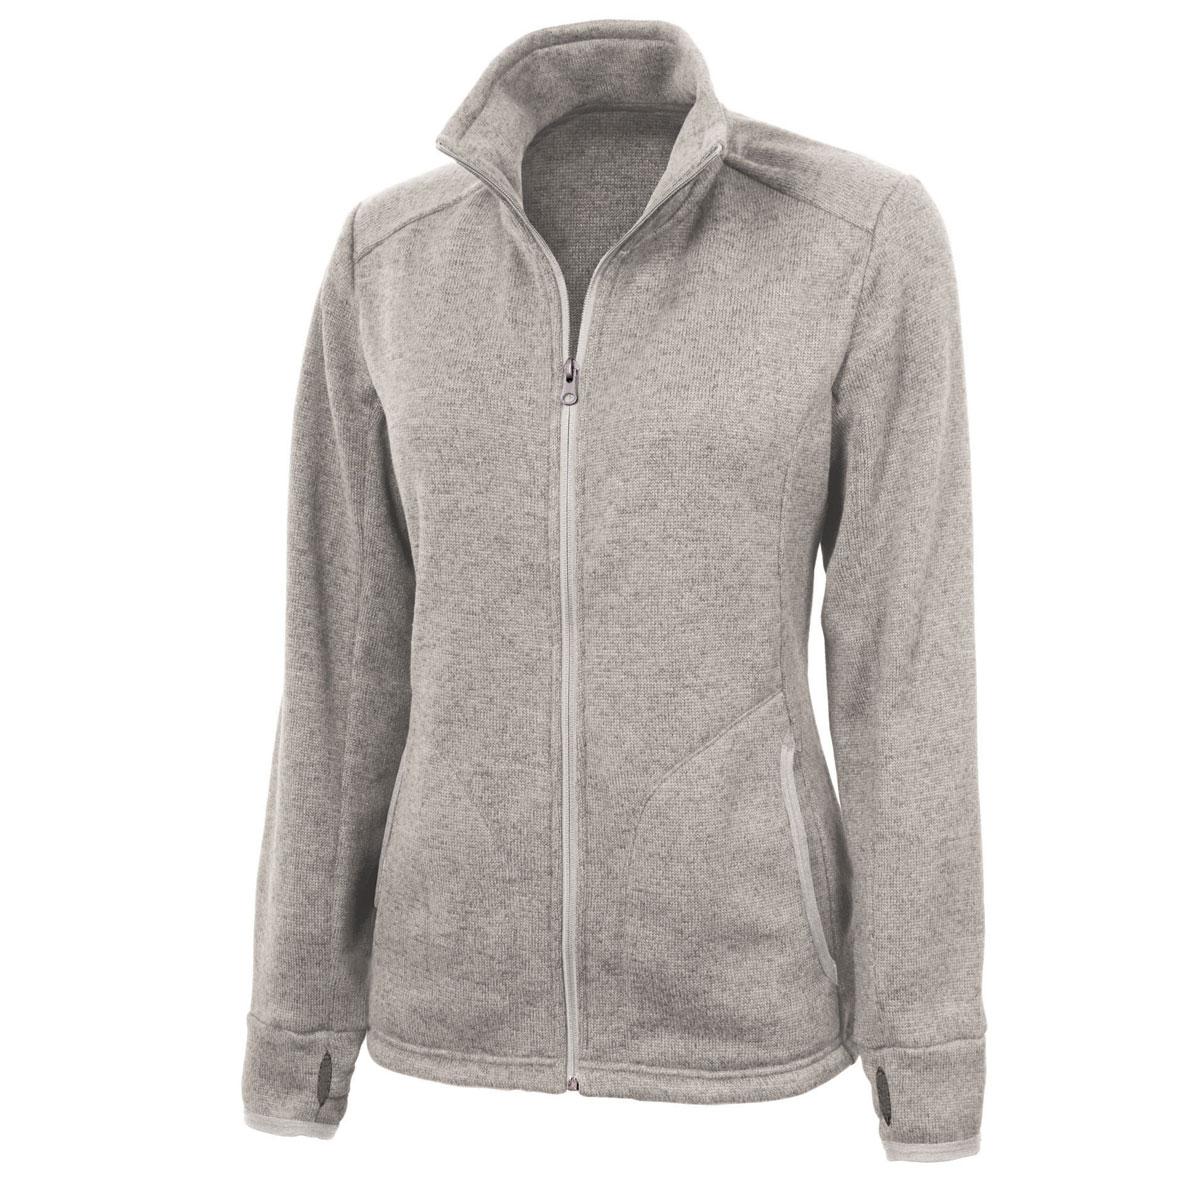 Personalized Heathered Fleece Jacket